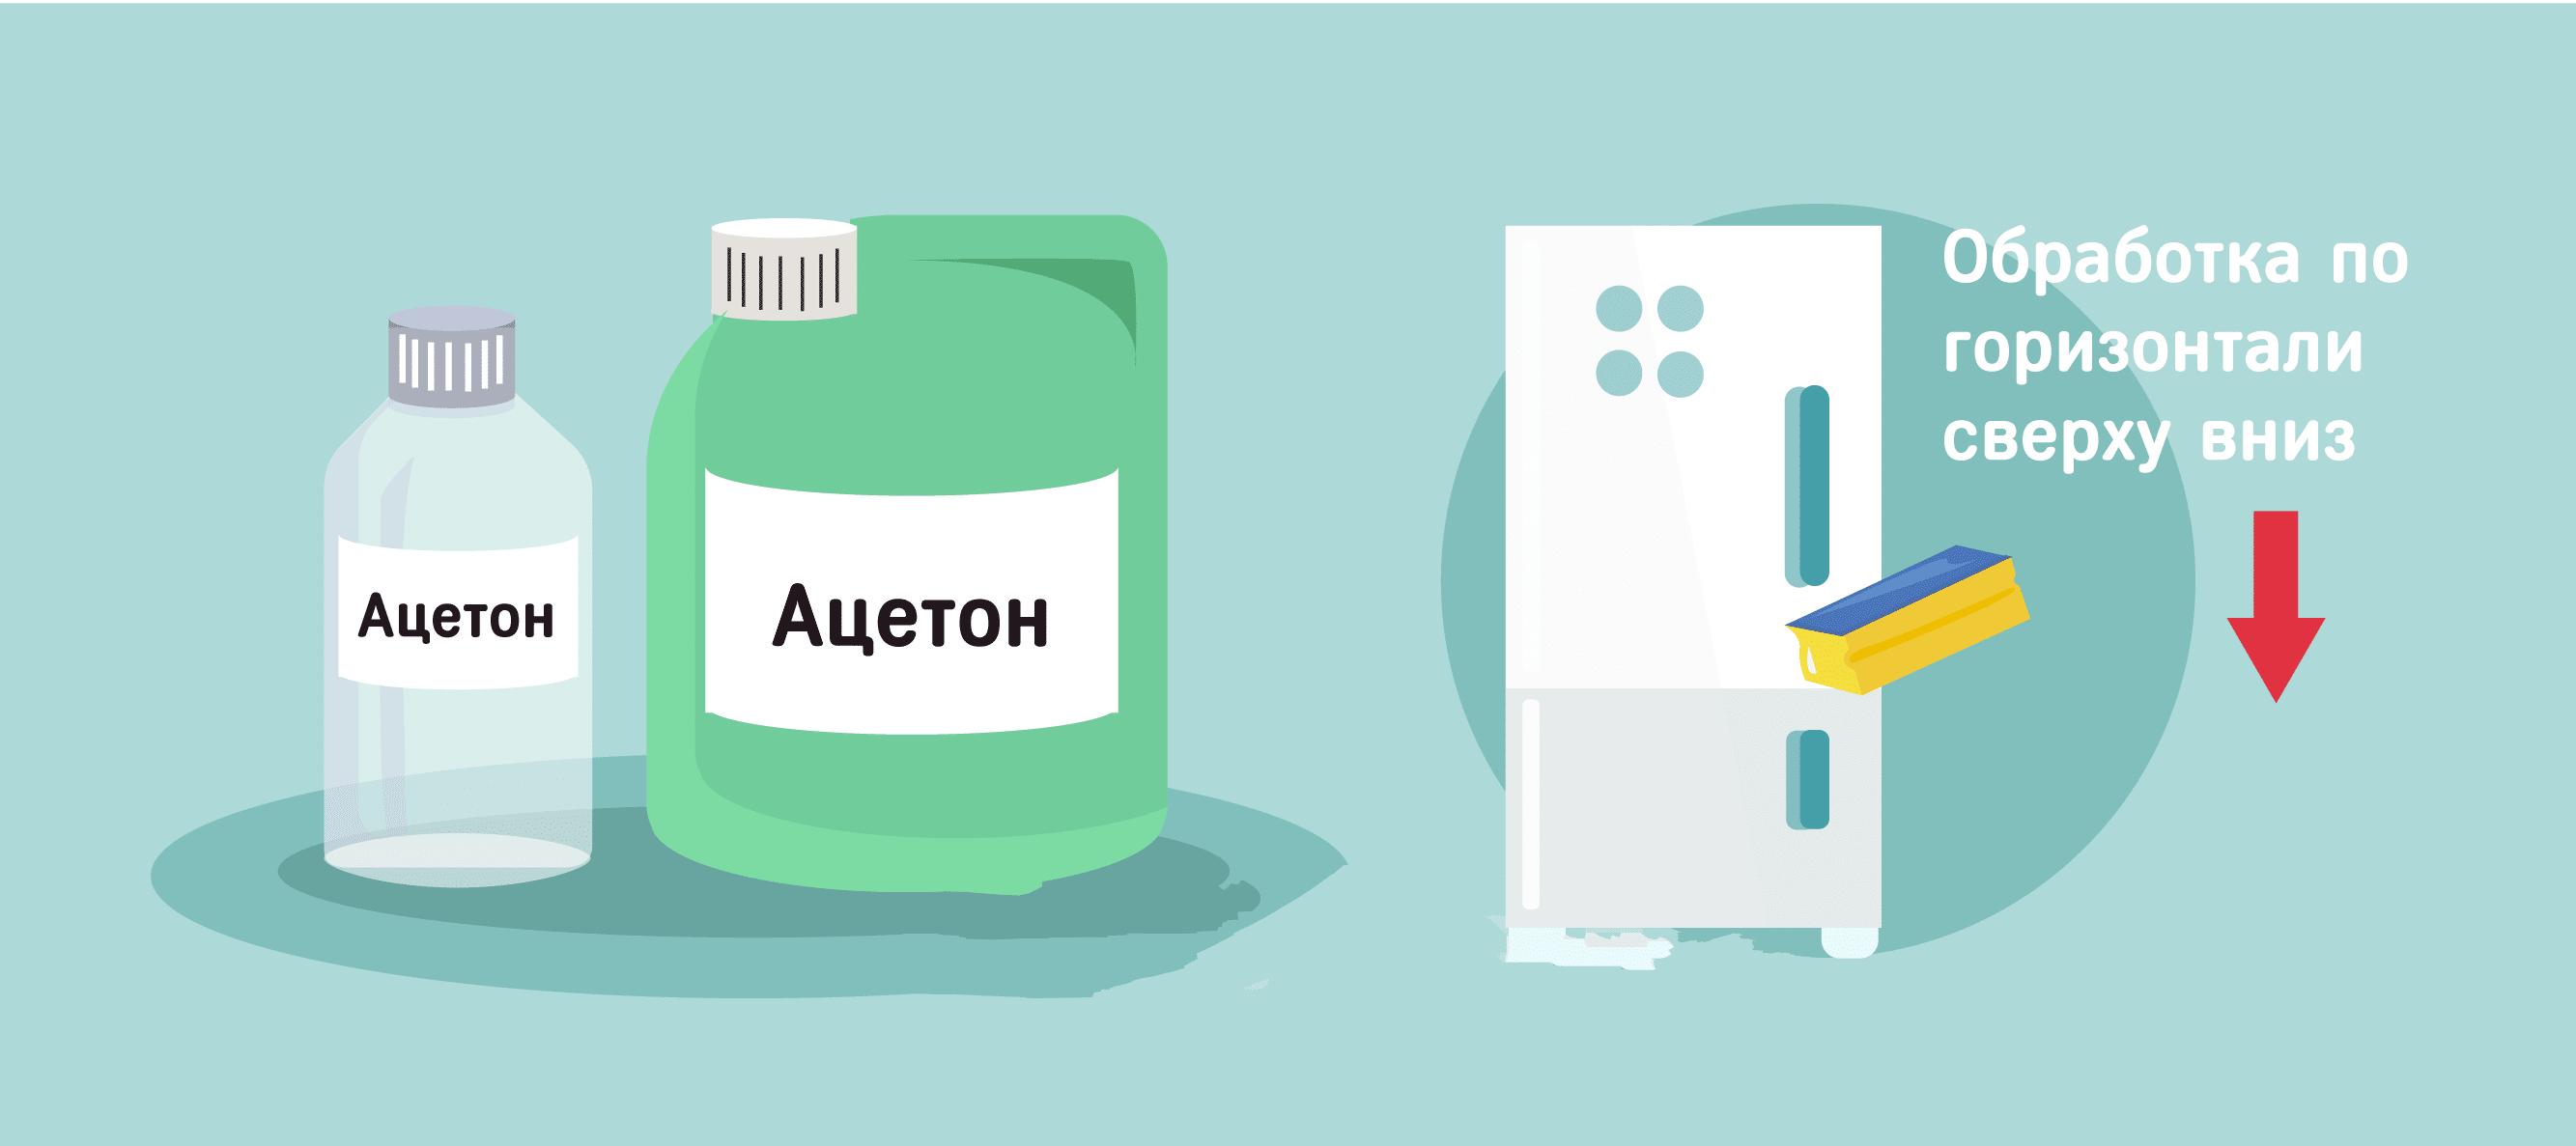 Как отбелить пожелтевший пластик ацетоном